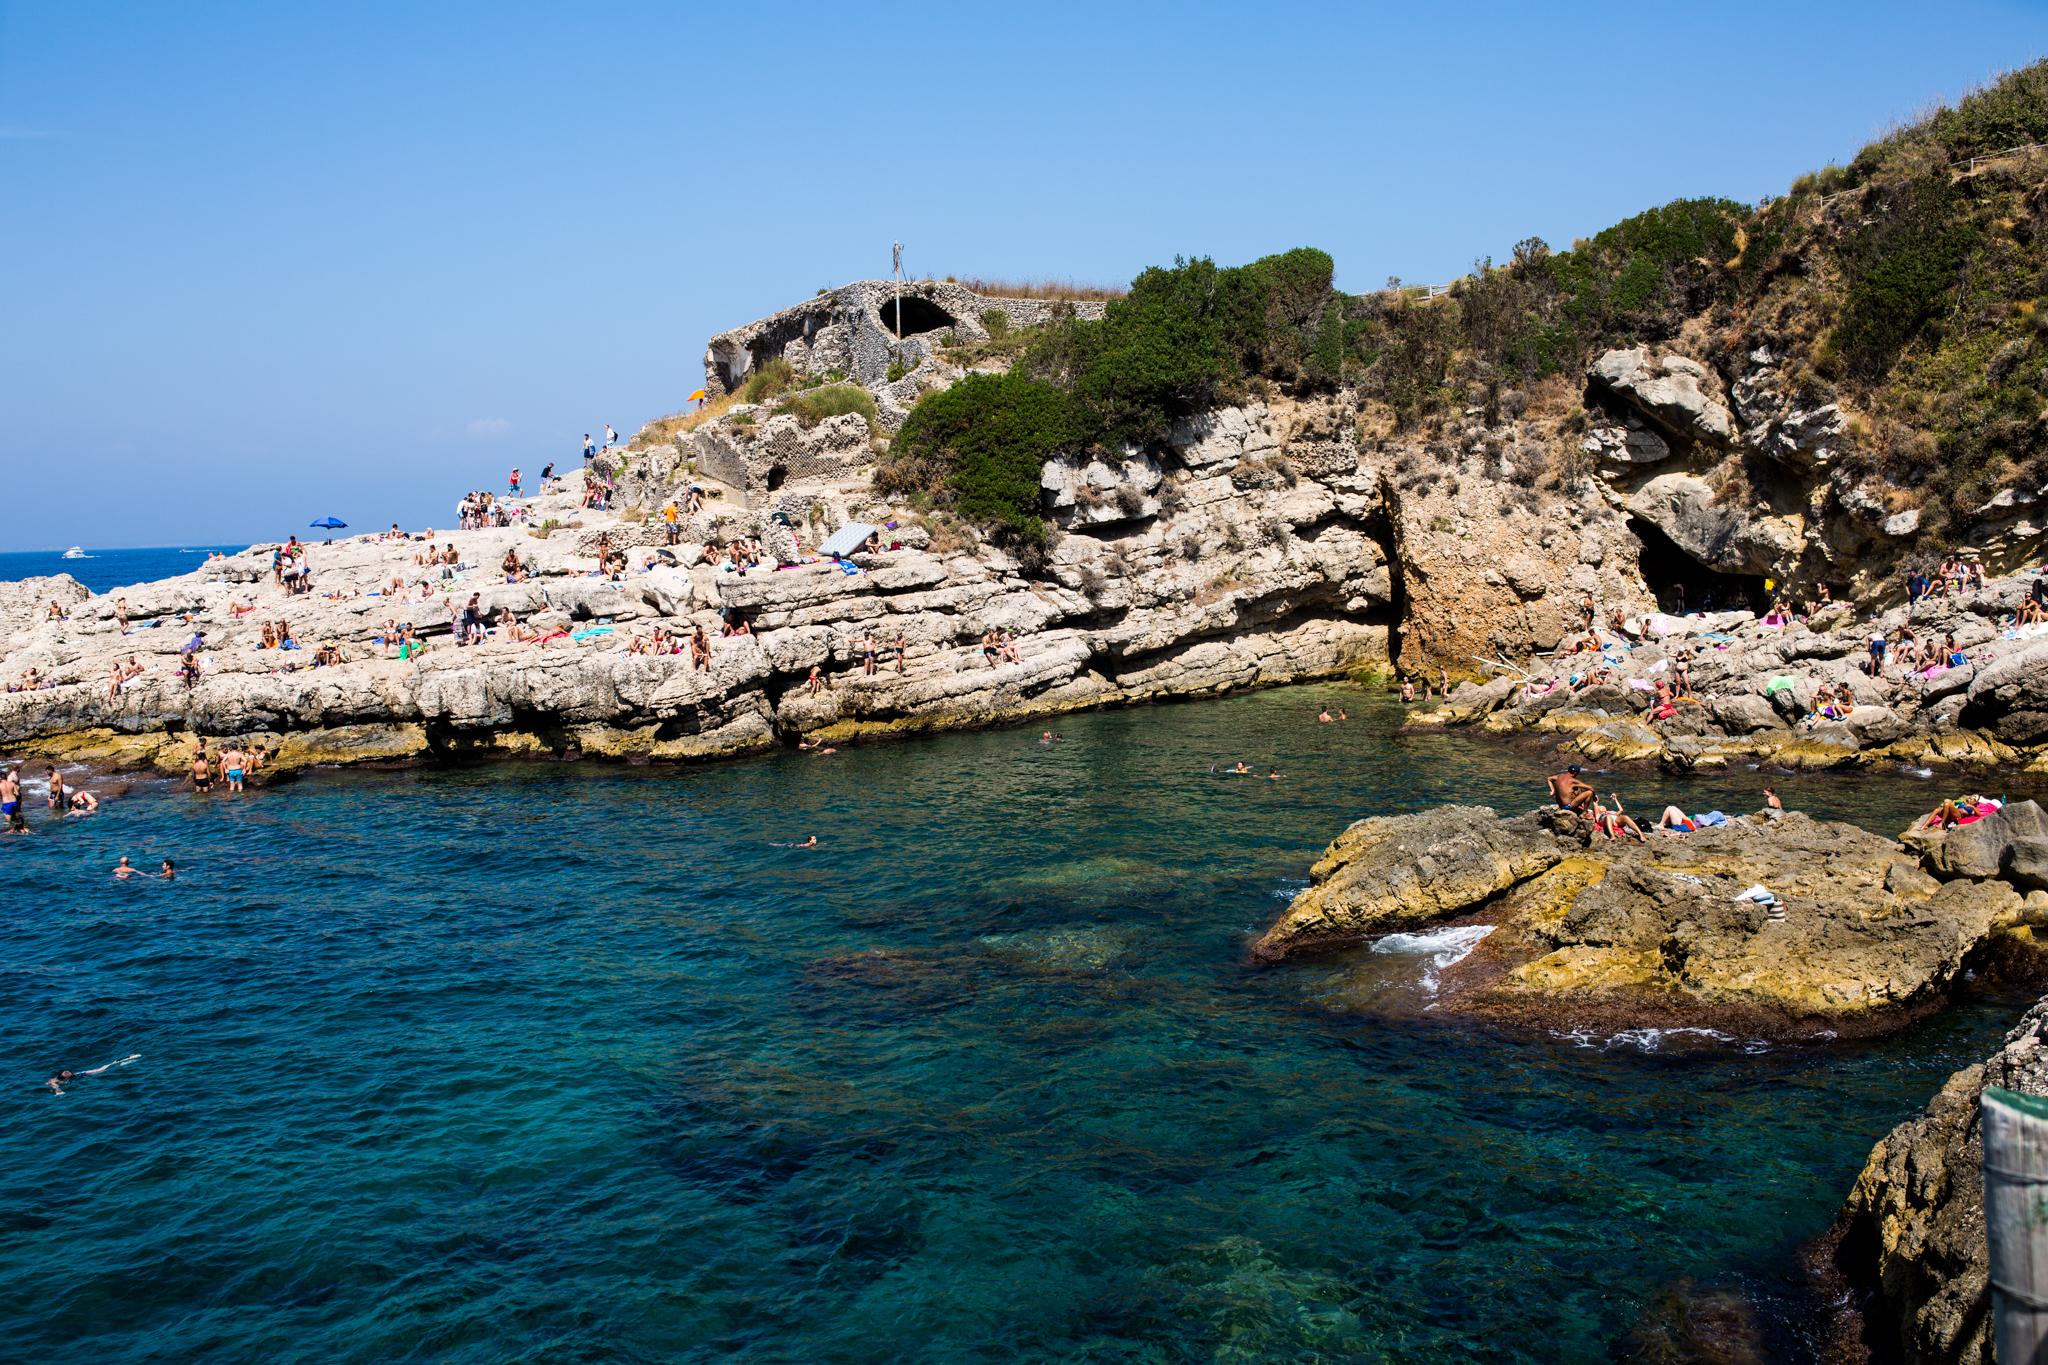 best beaches in italy-sorrento-sorrento beaches-hidden sorrento beach-bagni regina giovanna-italy-italian summer-alina mendoza-alina mendoza photography-arose travels-8679.jpg